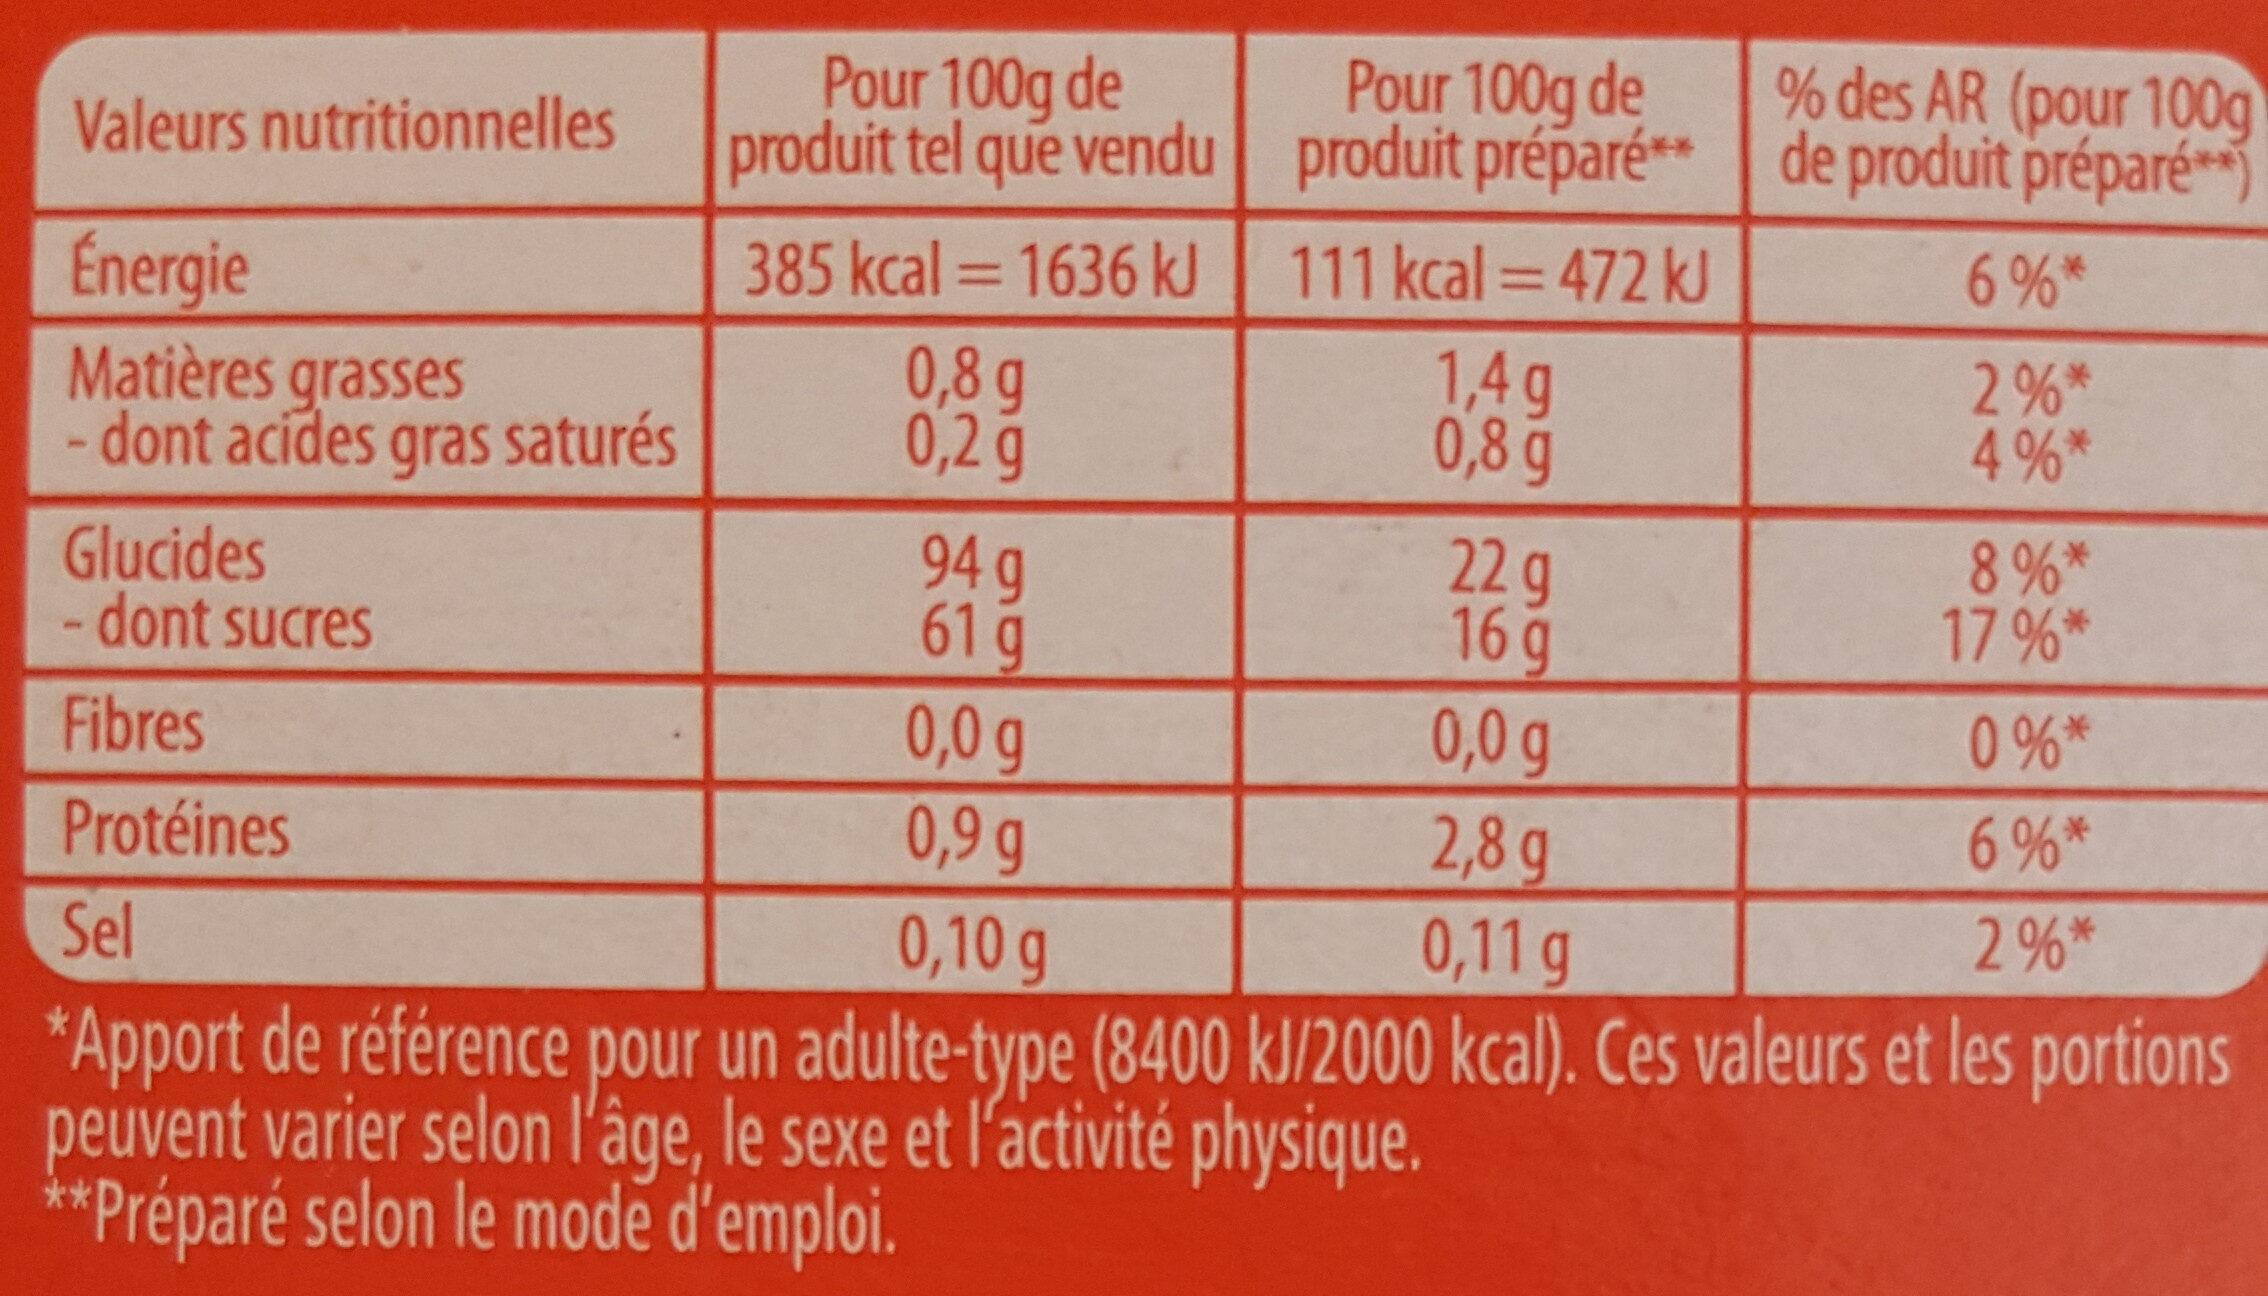 Flan pâtissier aux œufs - Nutrition facts - fr